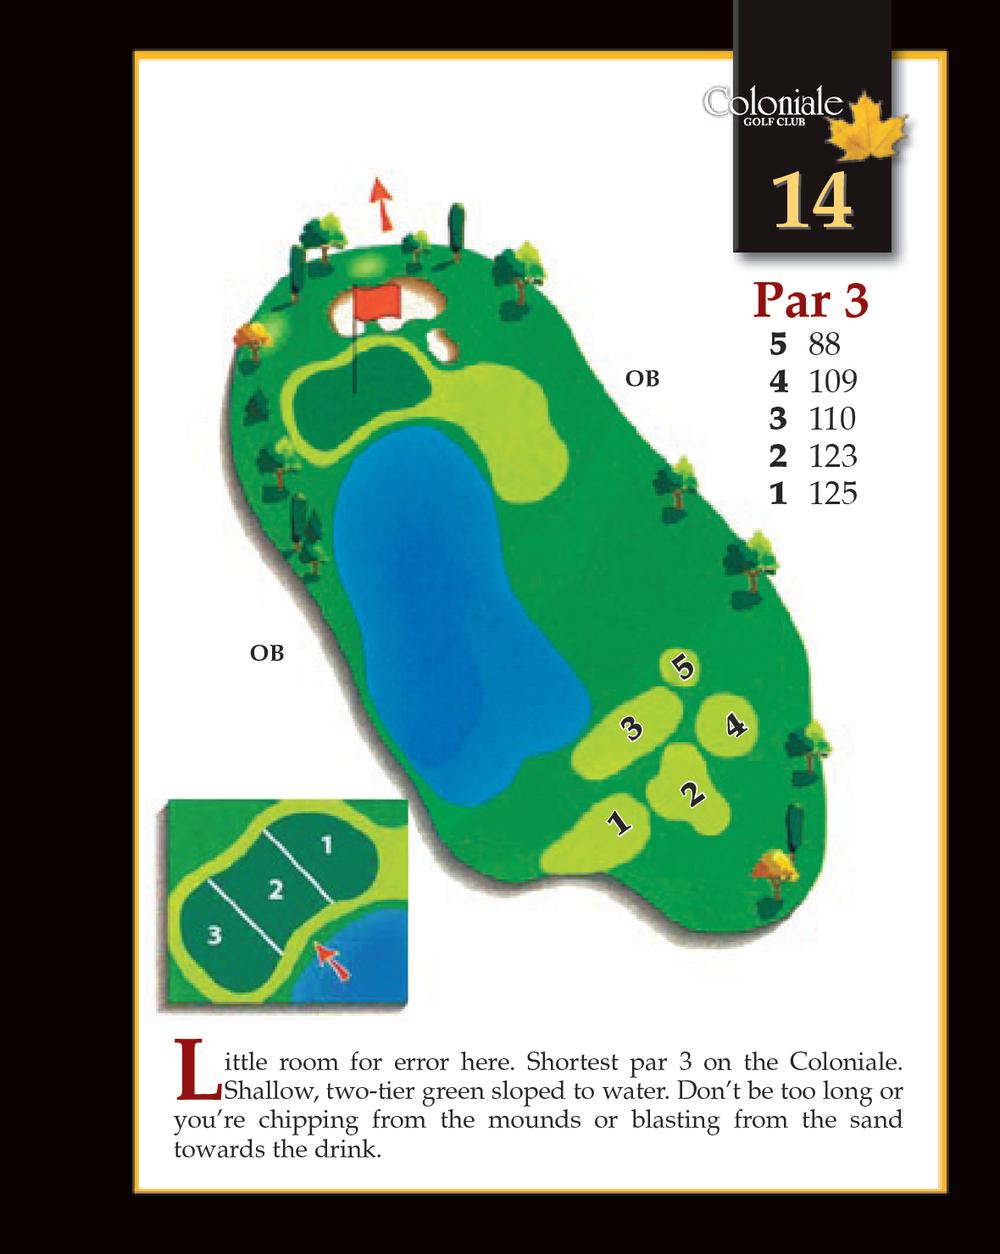 Coloniale Golf Scorecard Edmonton Beaumont - Hole 14